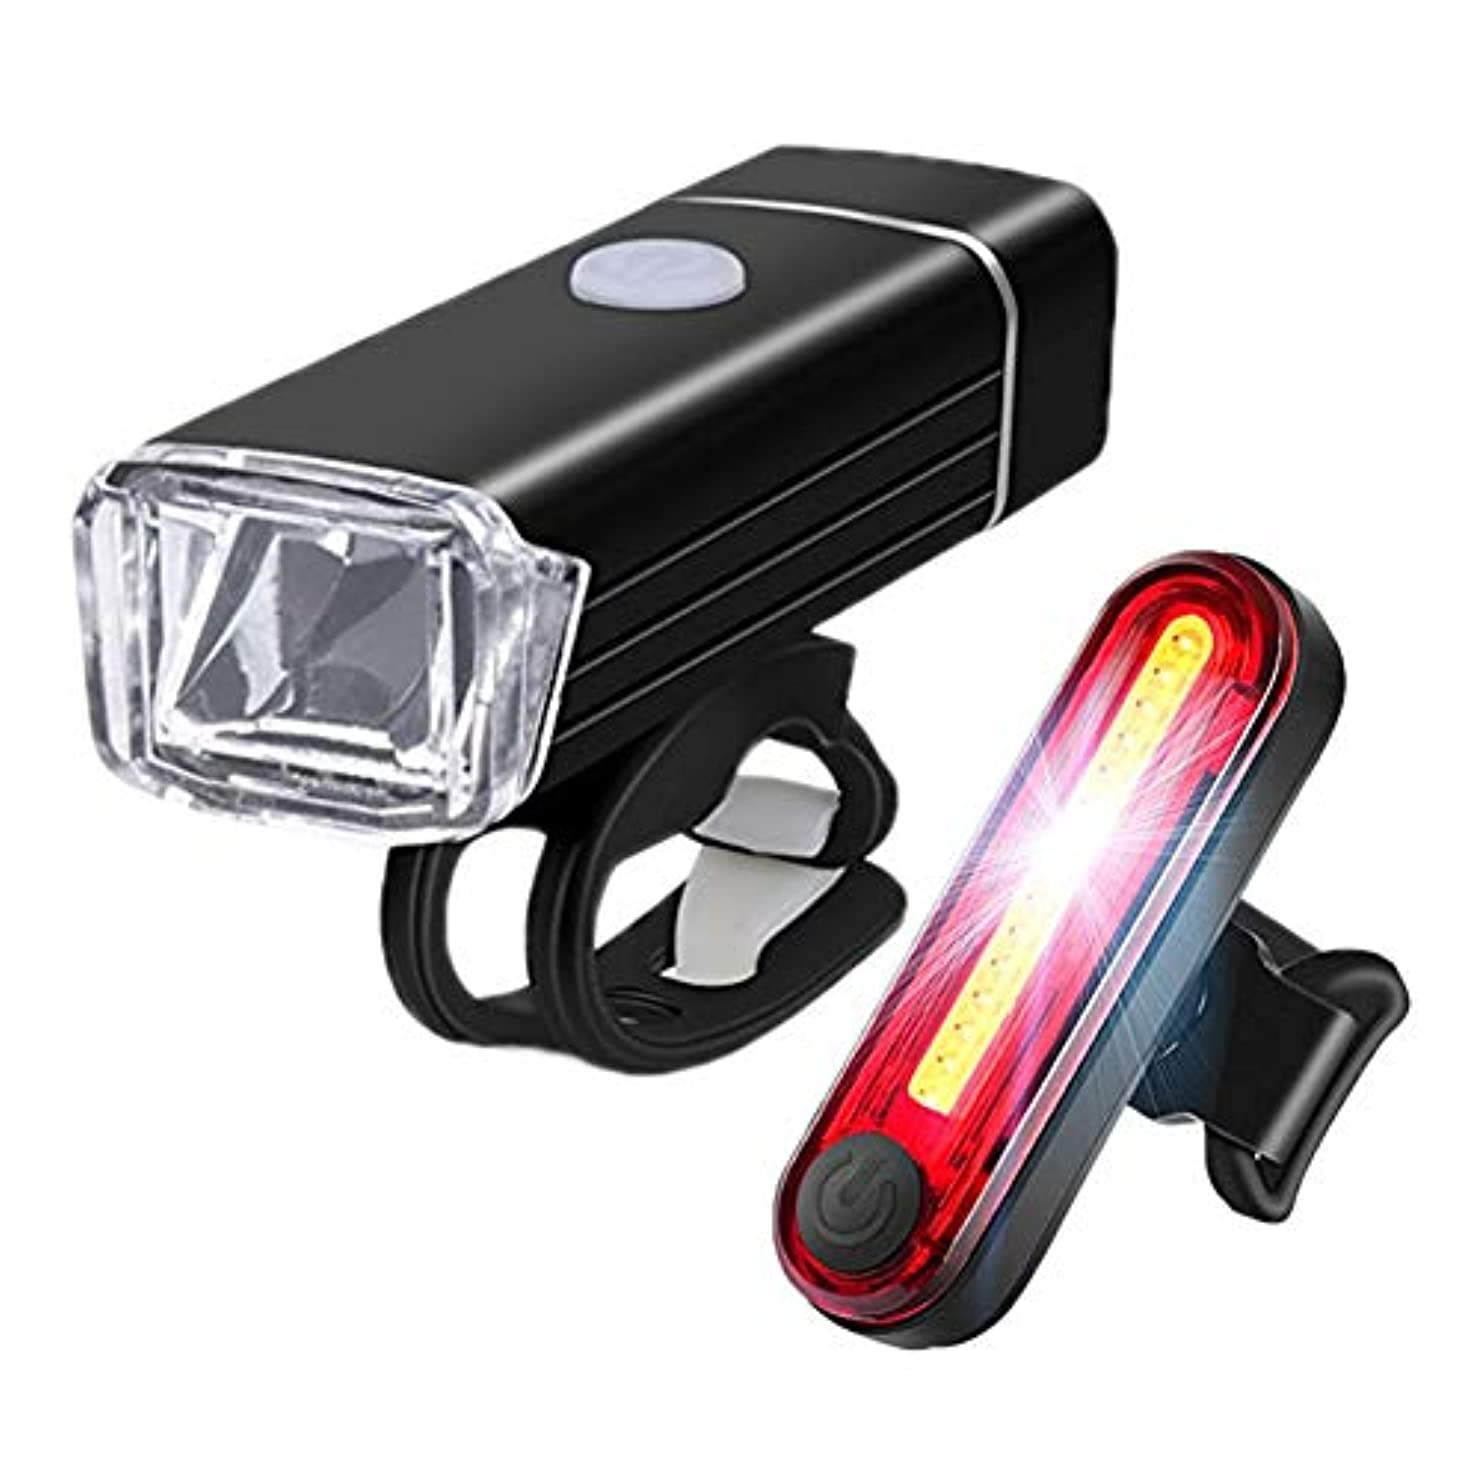 タイヤフルート職人自転車 ライト ヘッドライト 警告 テールライト アルミニウム 合金 USB 充電 ヘッドライト スーツ